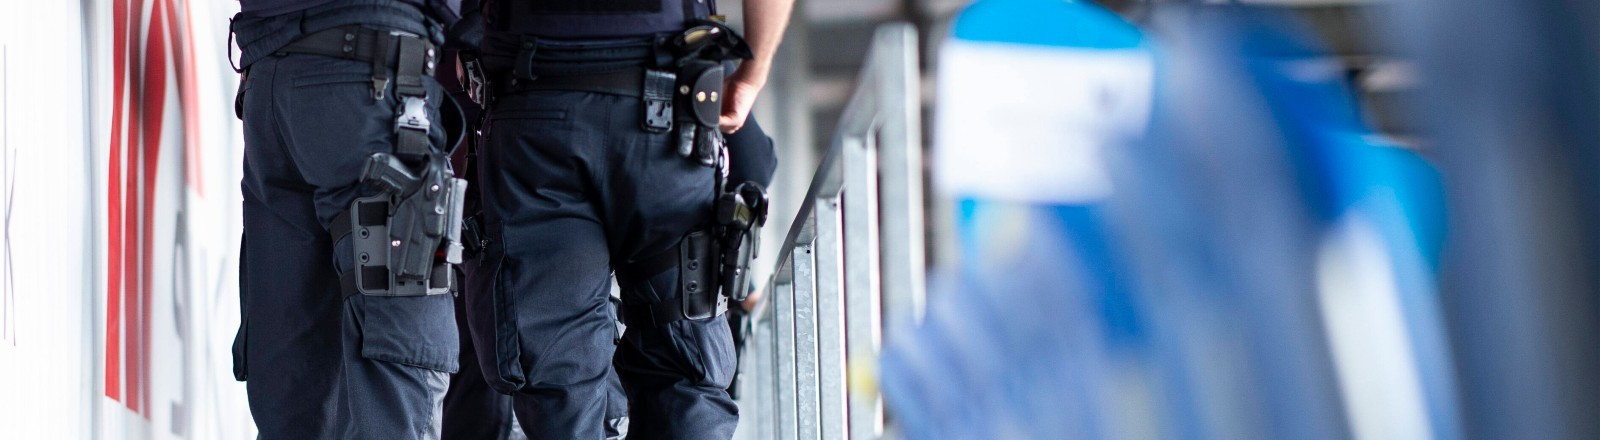 Polizistinnen und Polizisten sind auf der Tribüne in einem leeren Fußballstadion.